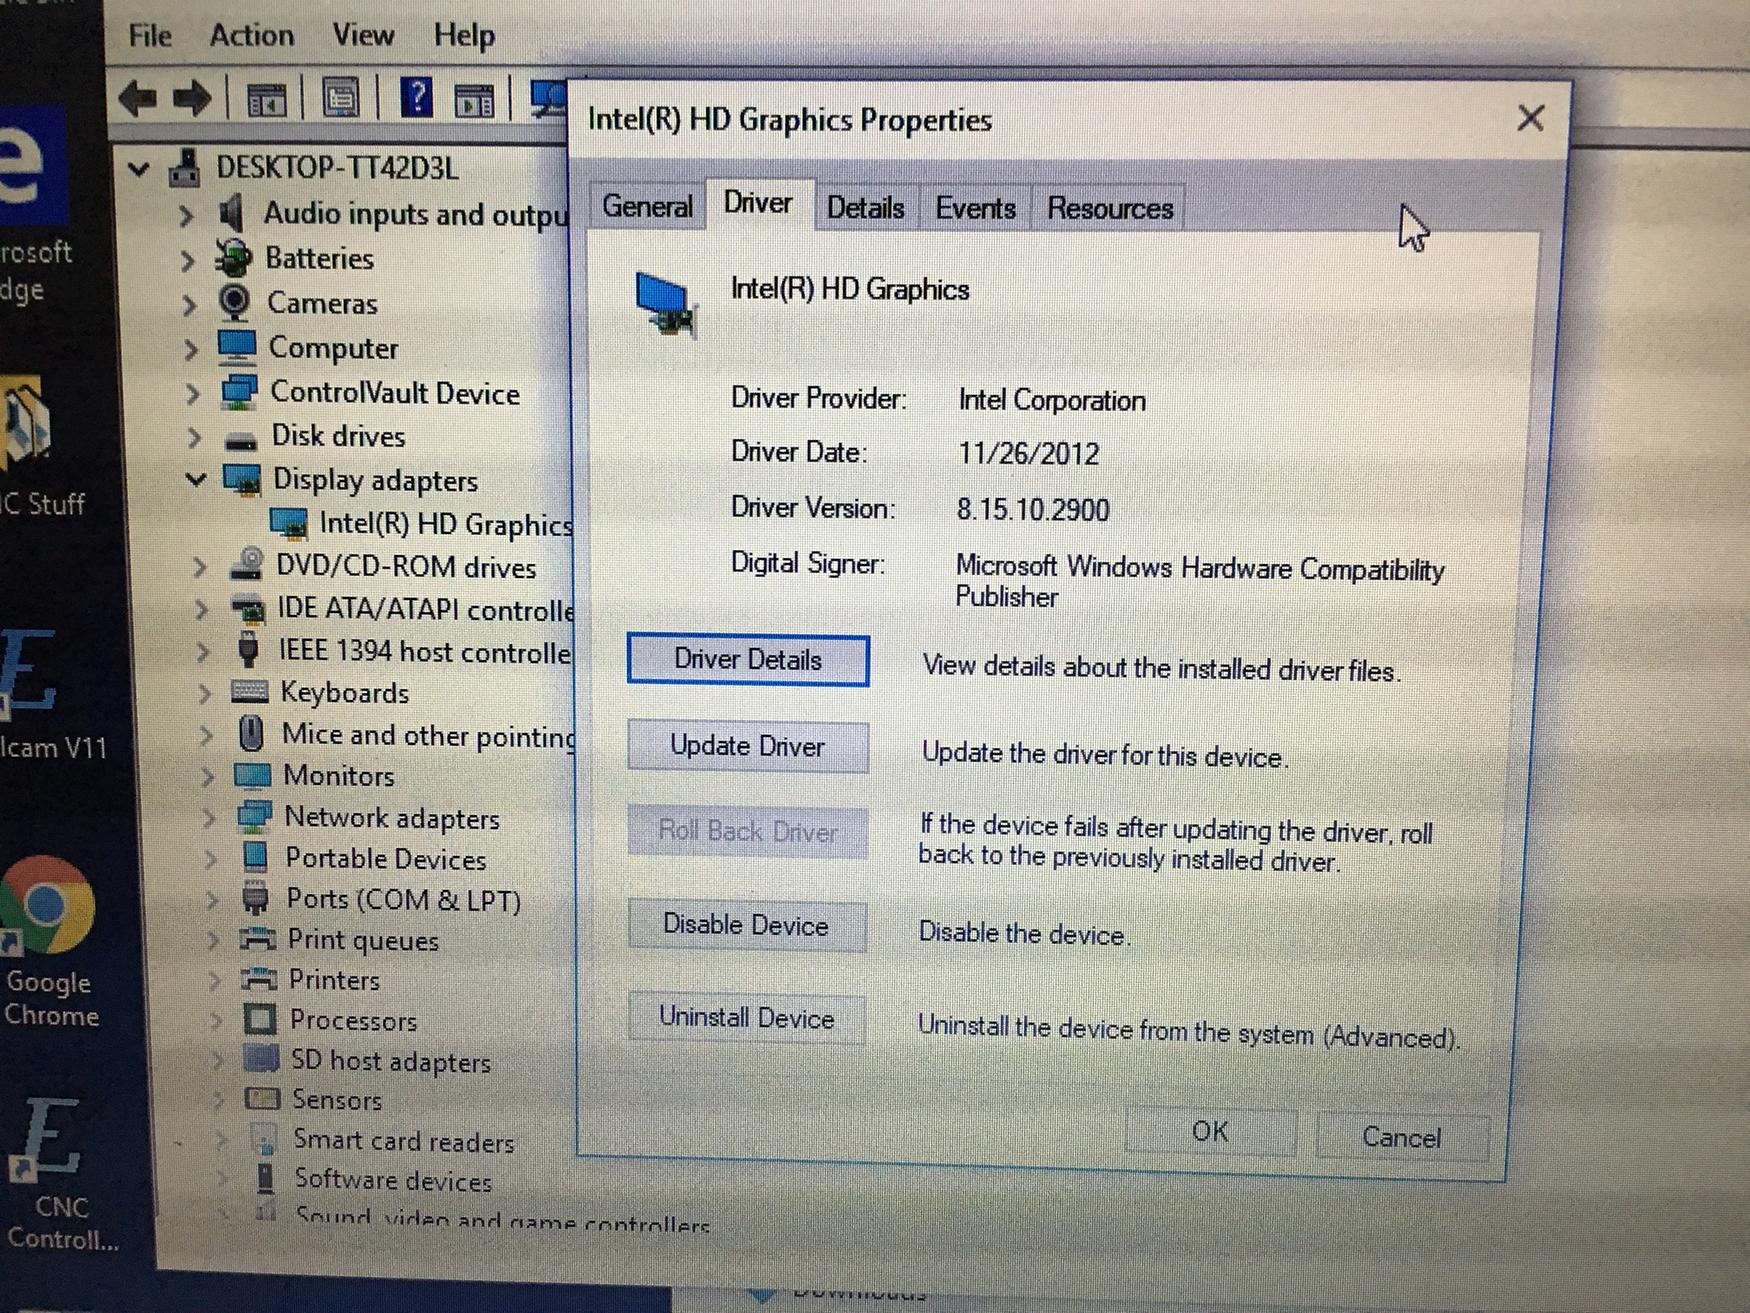 Dell Latitude E6410 Driver Pack Windows 10 64 Bit